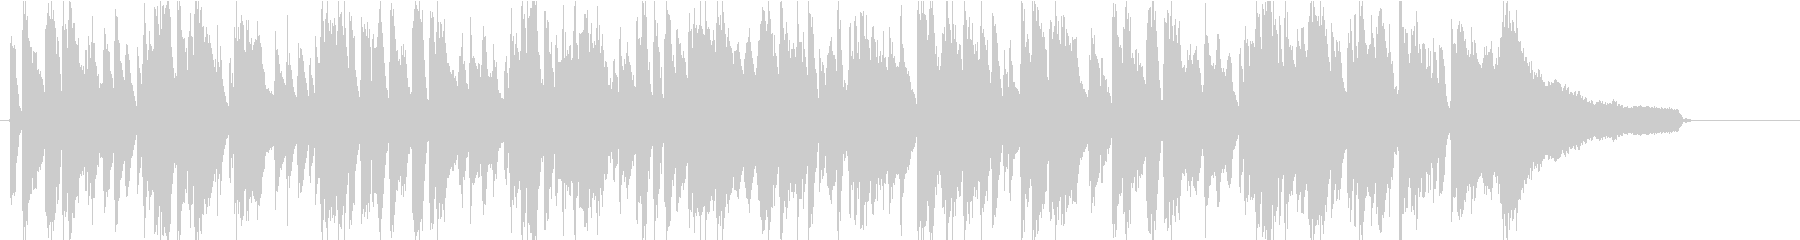 爽やかでミニマルなボサノバの未再生の波形